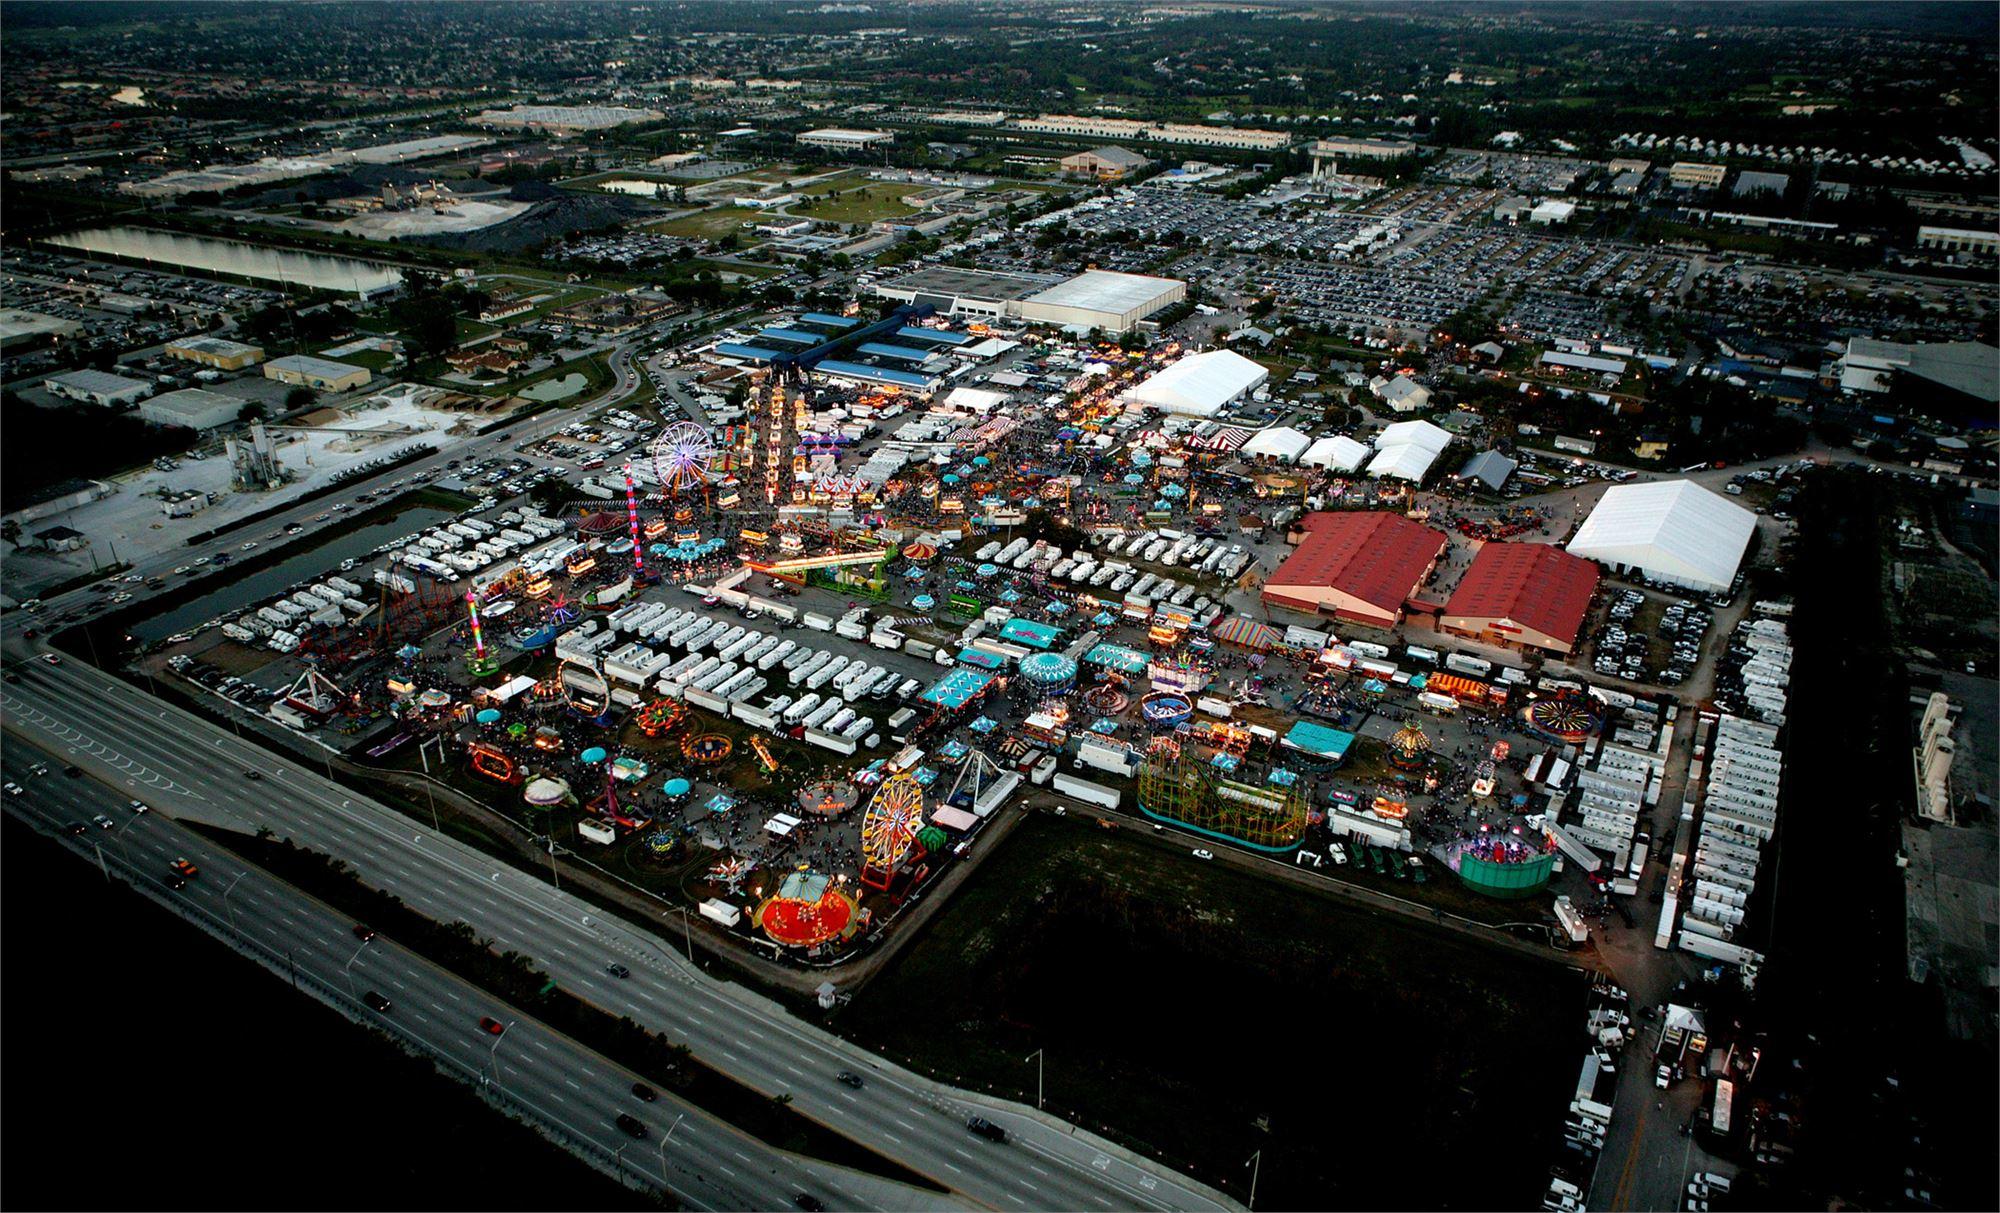 South Florida Fair Aerial View